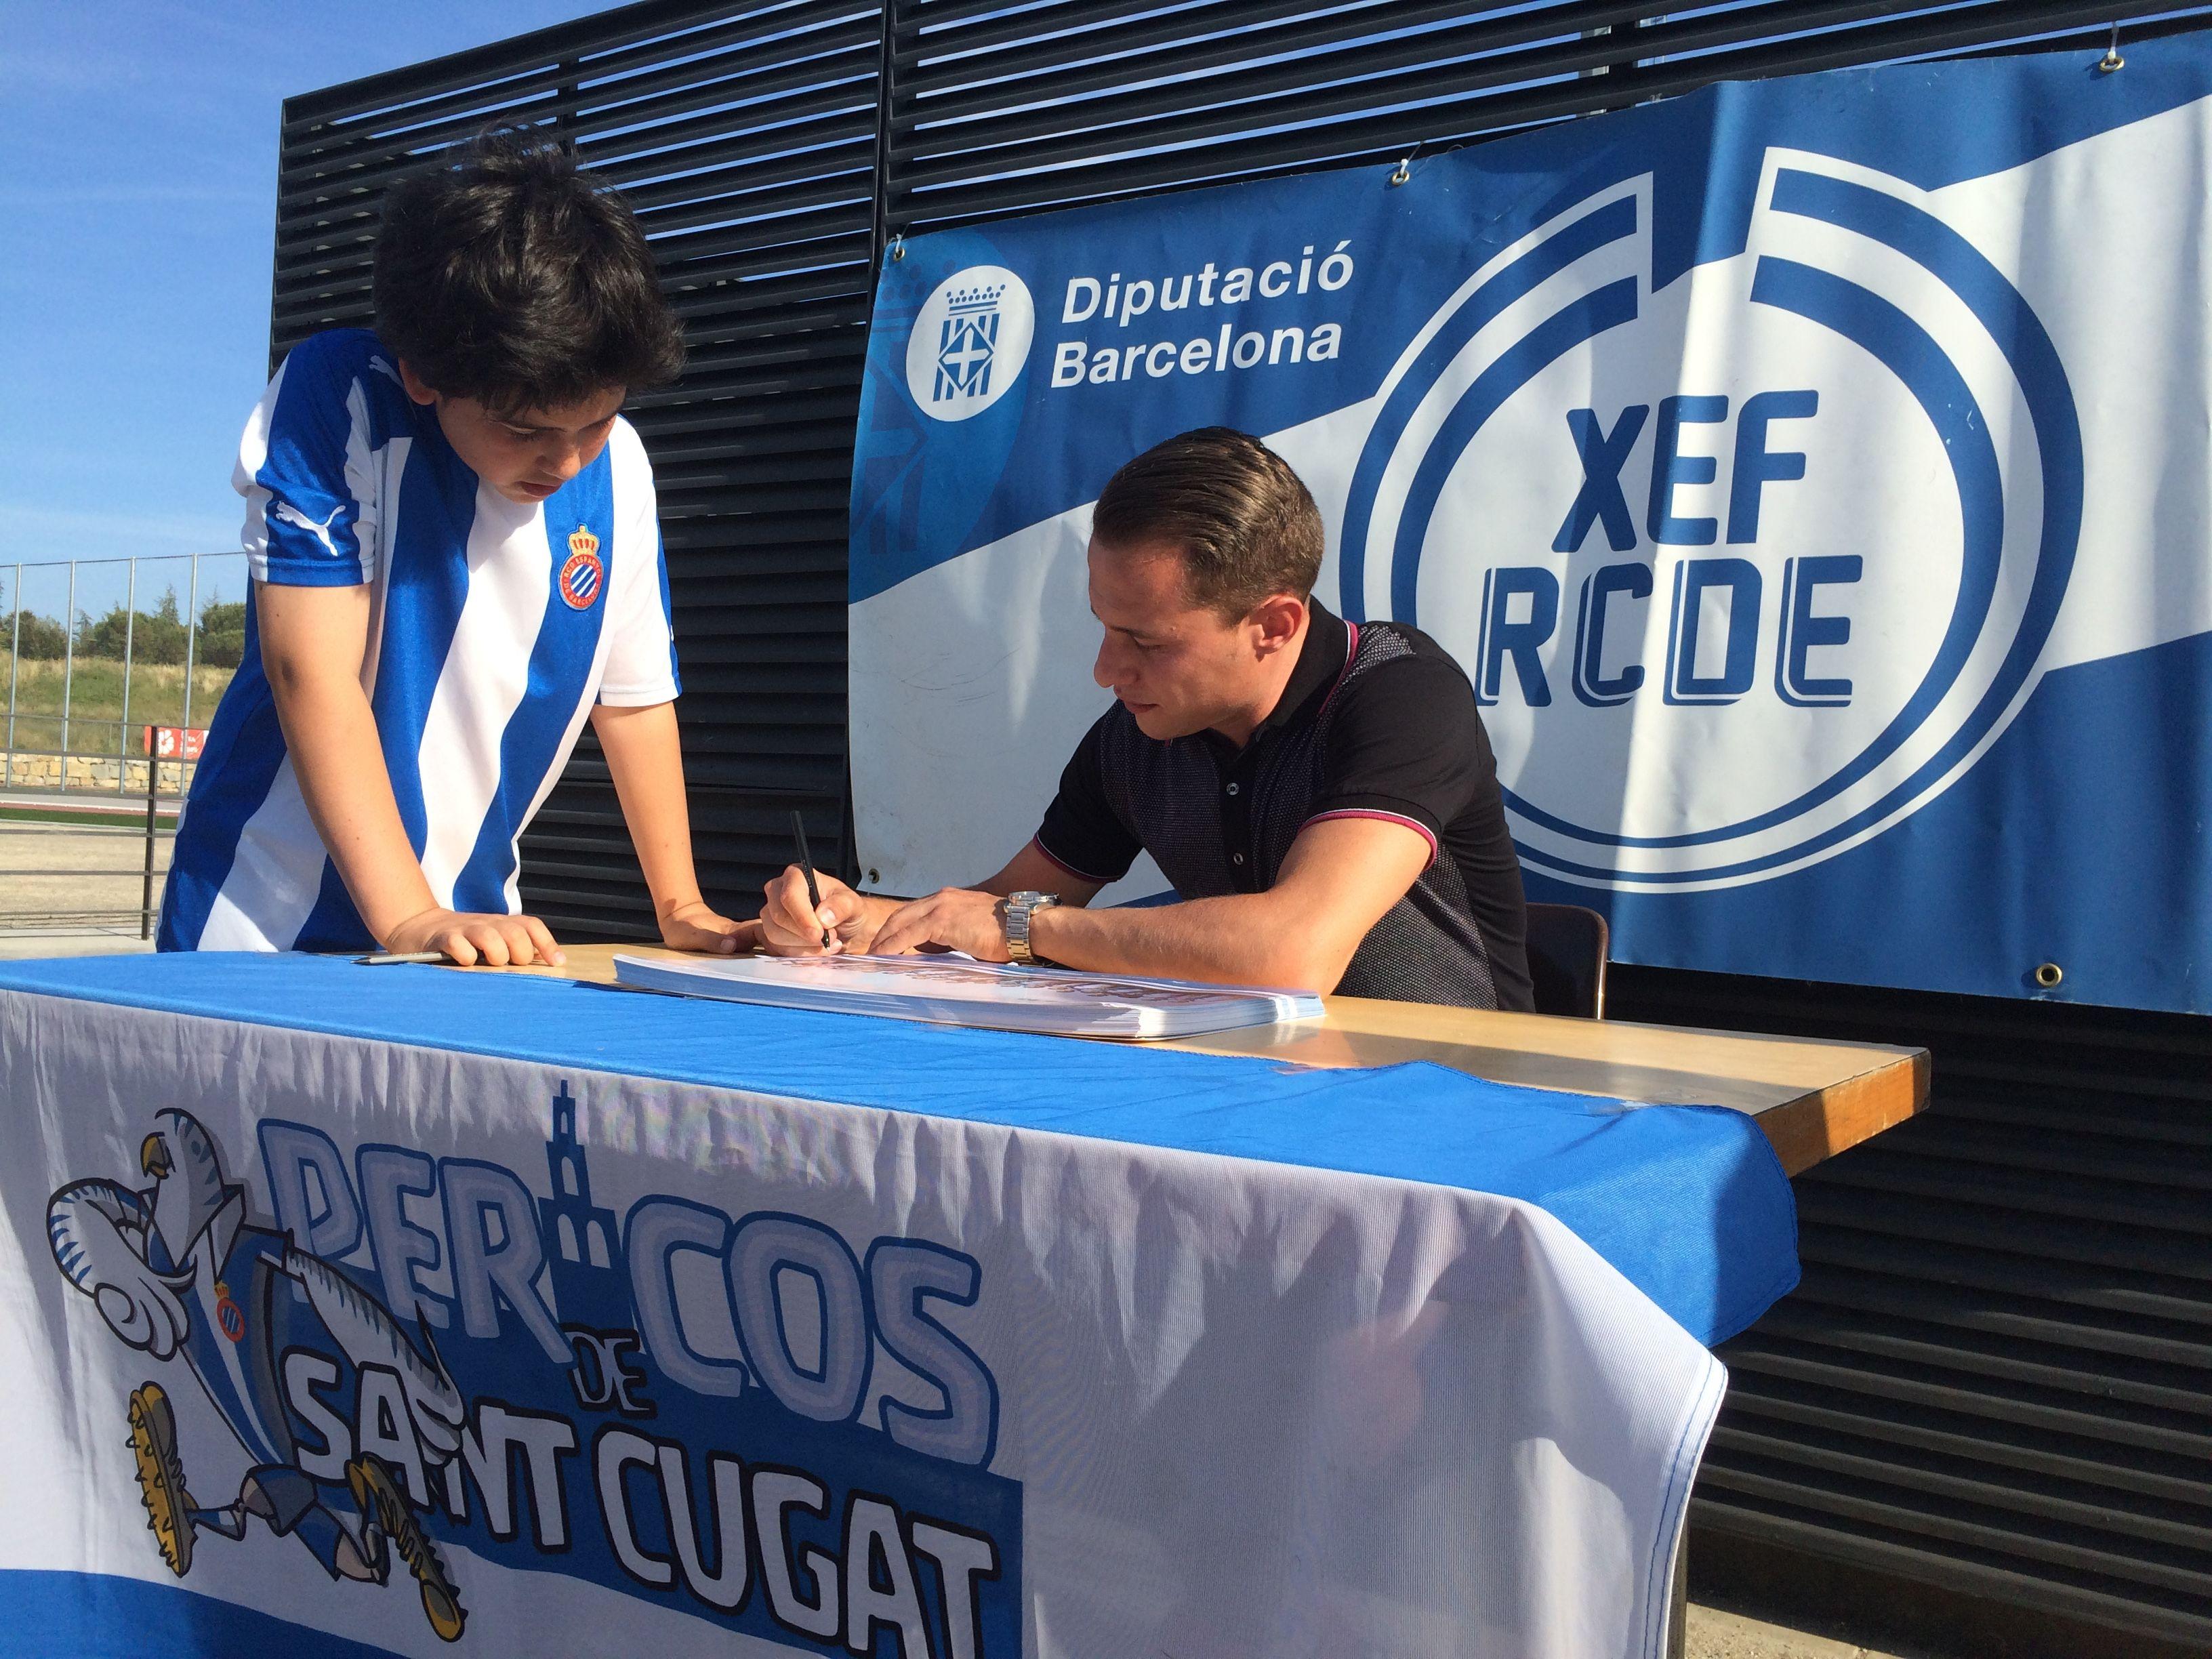 El jugador del RCD Espanyol va firmar autògrafs a tots els nens de l'escola de futbol. FOTO: À. L. P.